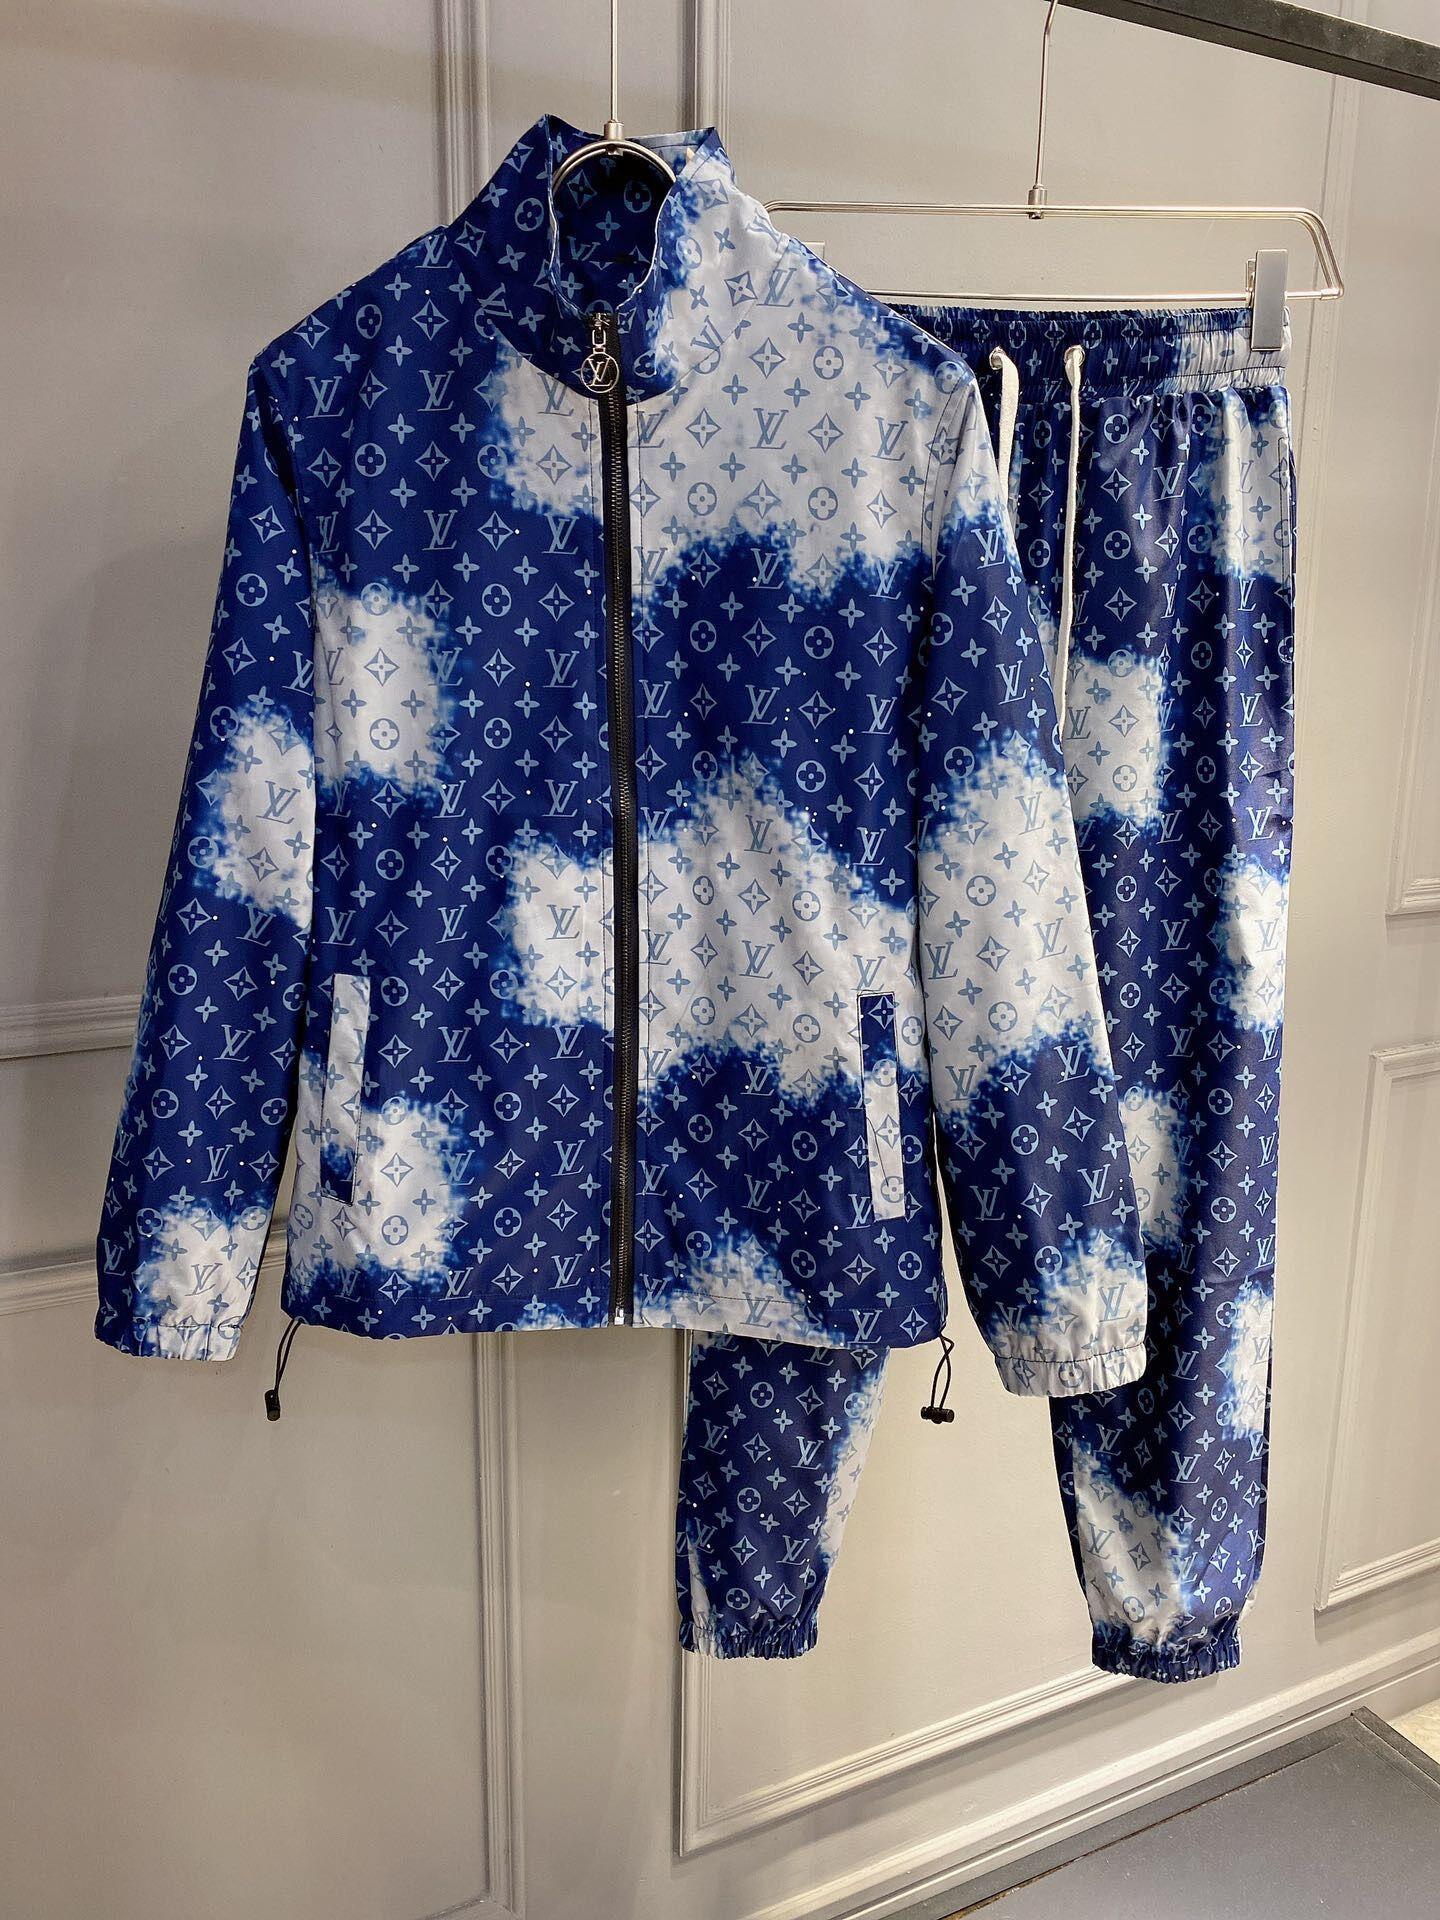 2020 blau Mensentwerfer Trainingsanzüge gesetzt (Designer-Jacke + pants) Herren Trainingsanzug hochwertige Buchstabedruckes camo Luxus Manntrainingsnazug